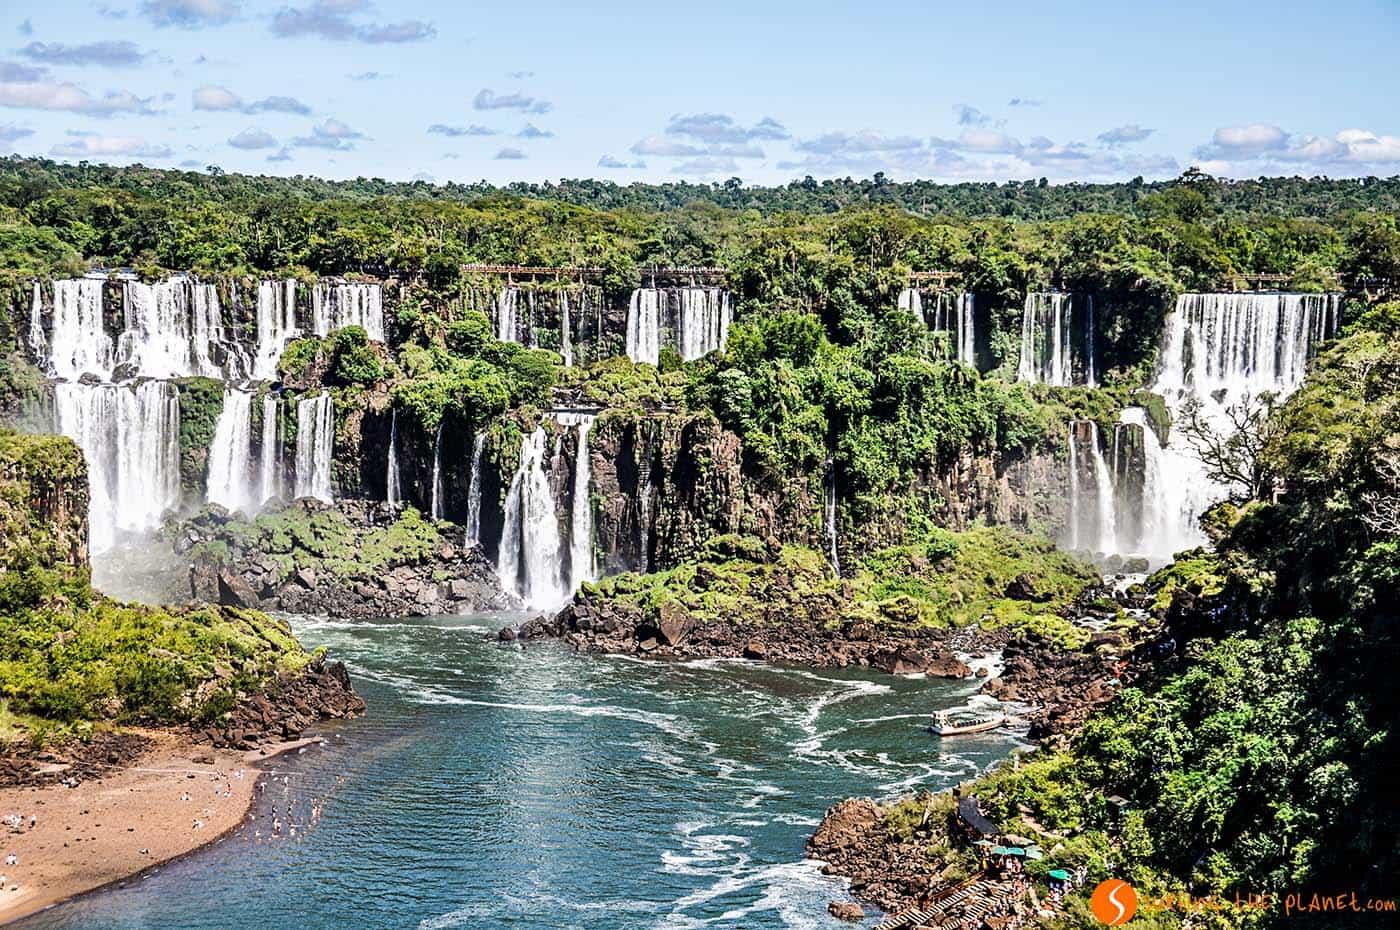 Una maravilla natural del mundo - Cataratas del Iguazú - Argentina